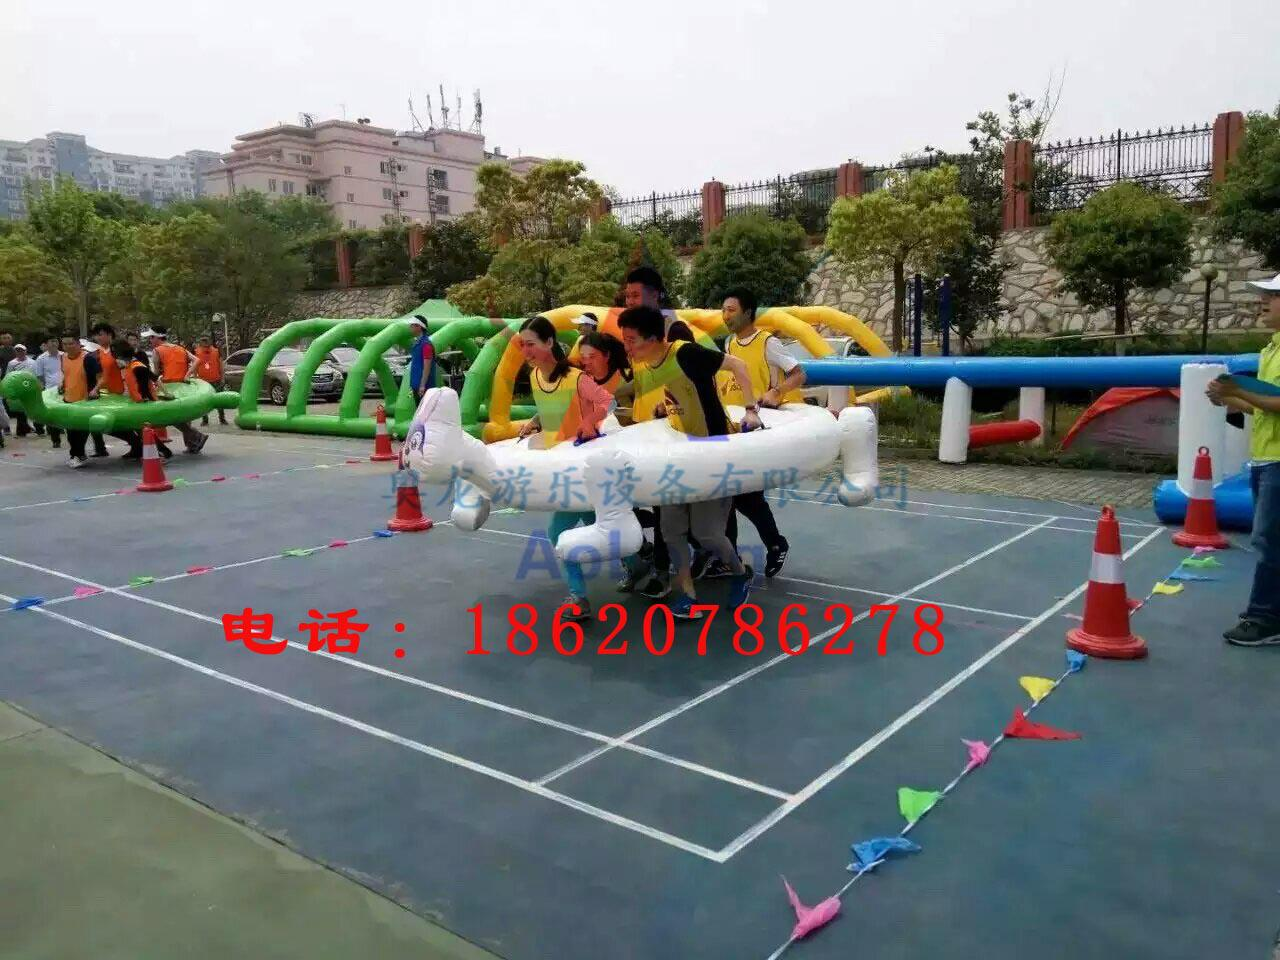 趣味运动器材龟兔赛跑 6